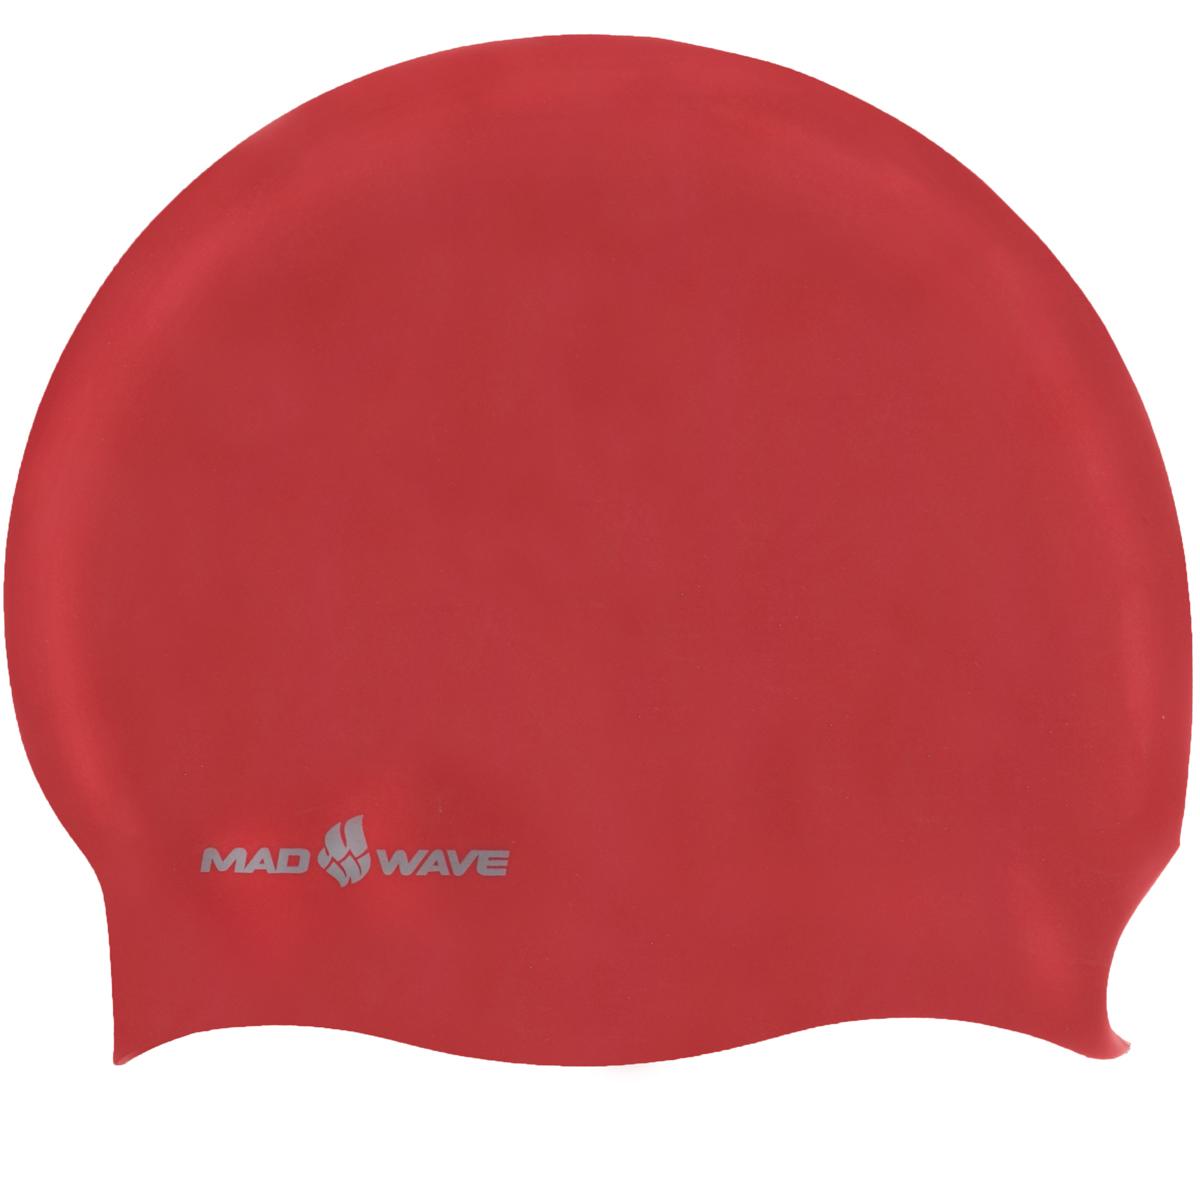 Шапочка для плавания Mad Wave Reverse Champion, цвет: серебро, красныйM0552 08 0 10W3D двусторонняя шапочка для плавания Mad Wave Reverse Champion изготовлена из мягкого прочного силикона, который обеспечивает идеальную подгонку и комфорт. Материал шапочки не вызывает раздражения, что гарантирует безопасность использования шапочки. Силикон не пропускает воду и приятен на ощупь.